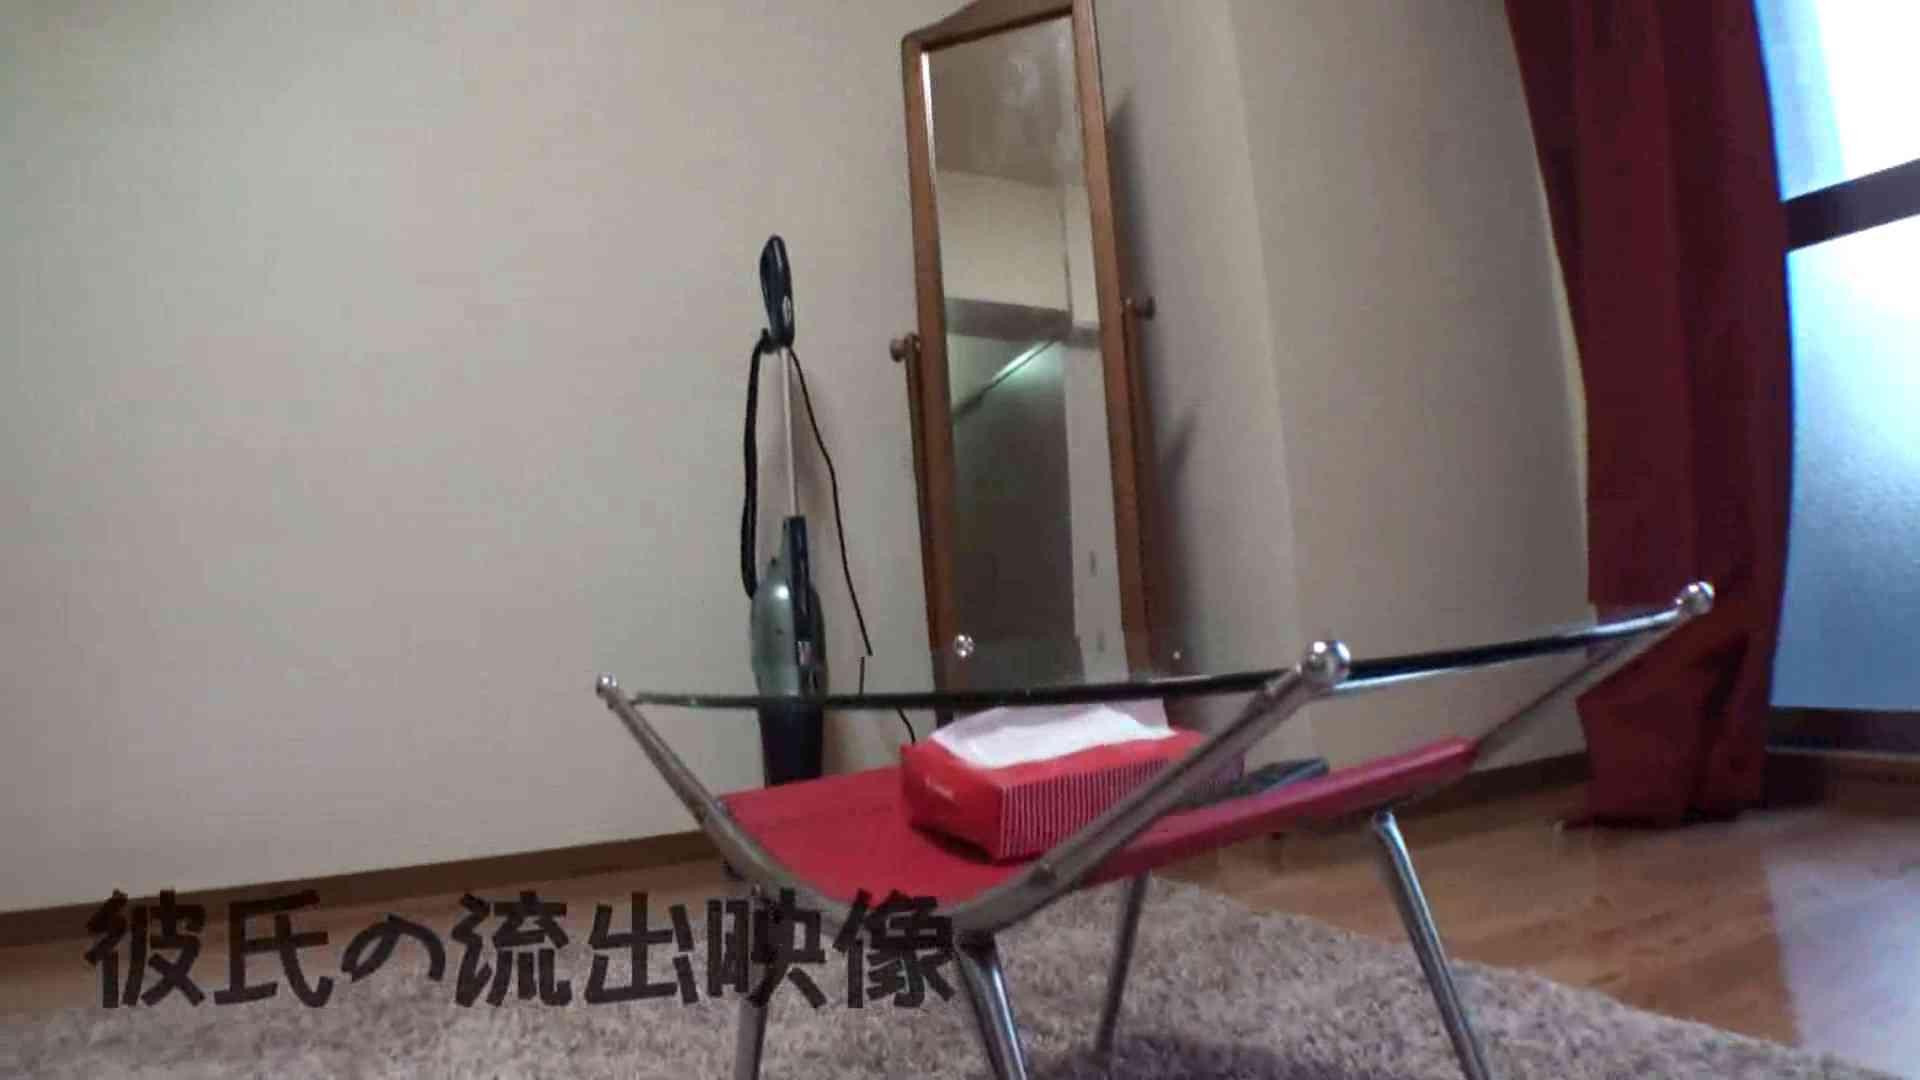 彼氏が流出 パイパン素人嬢のハメ撮り映像04 一般投稿  82連発 19